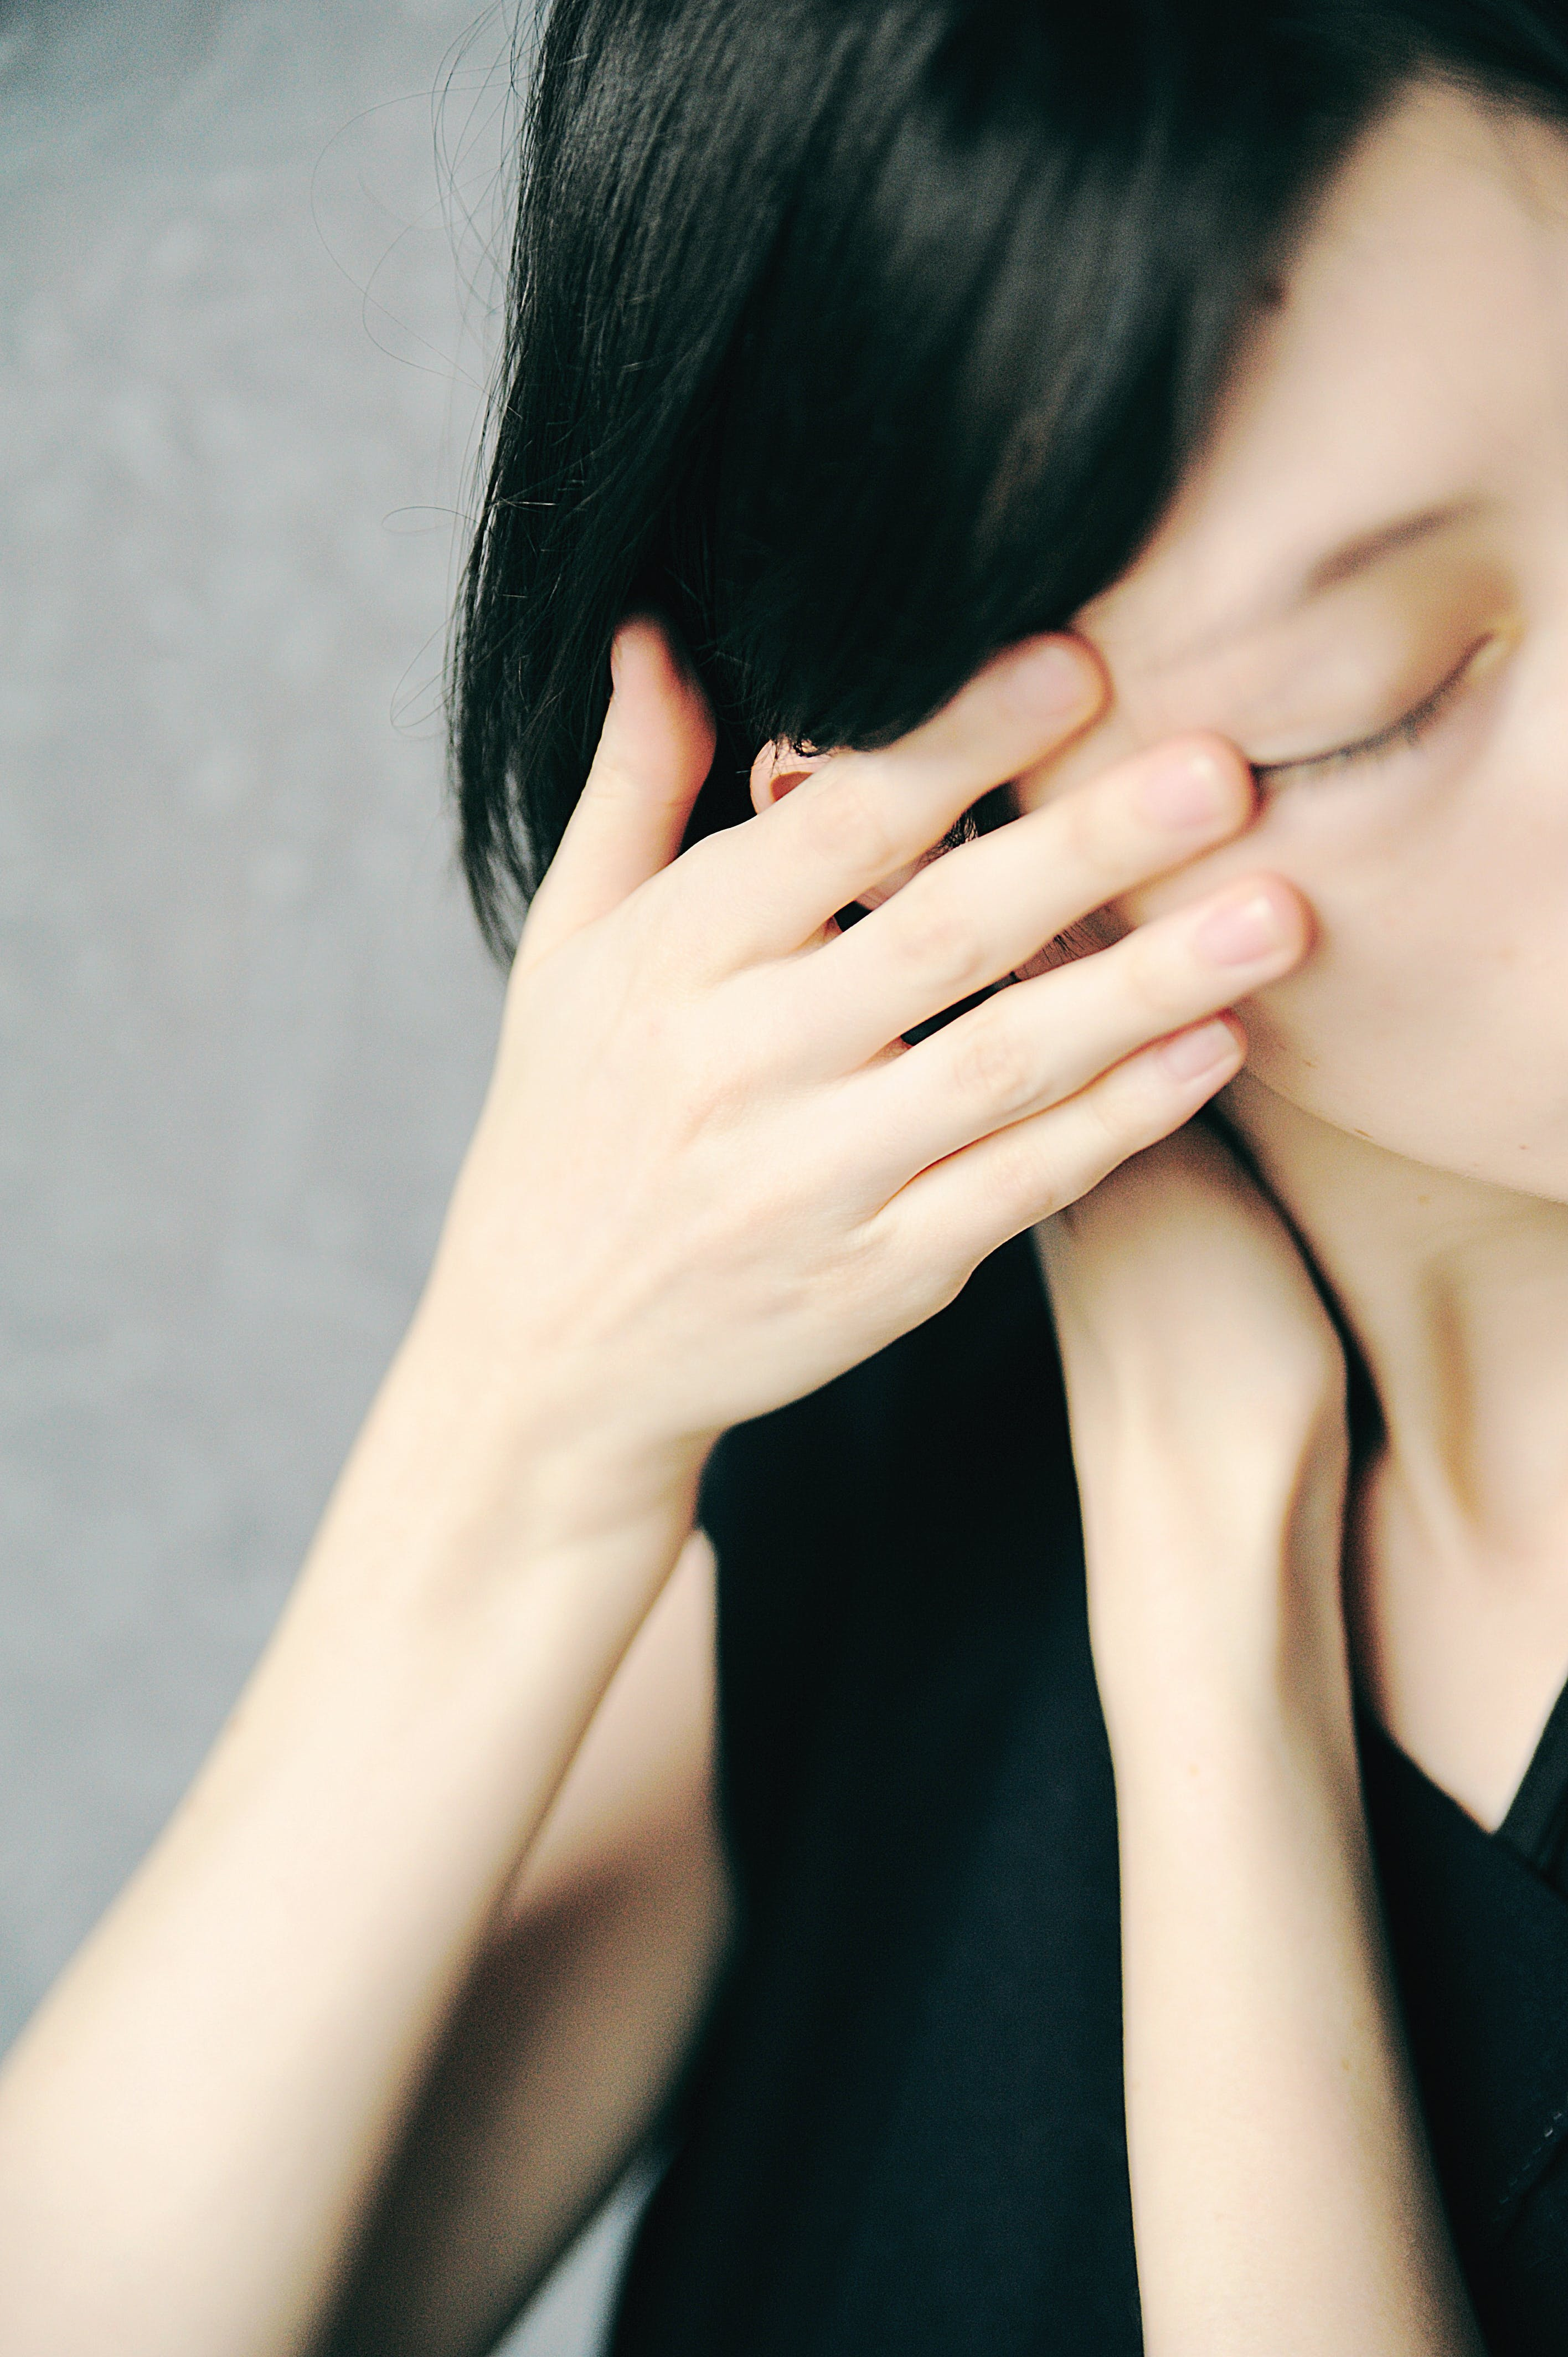 Gratis lagerfoto af berøring, fingre, hånd, hår